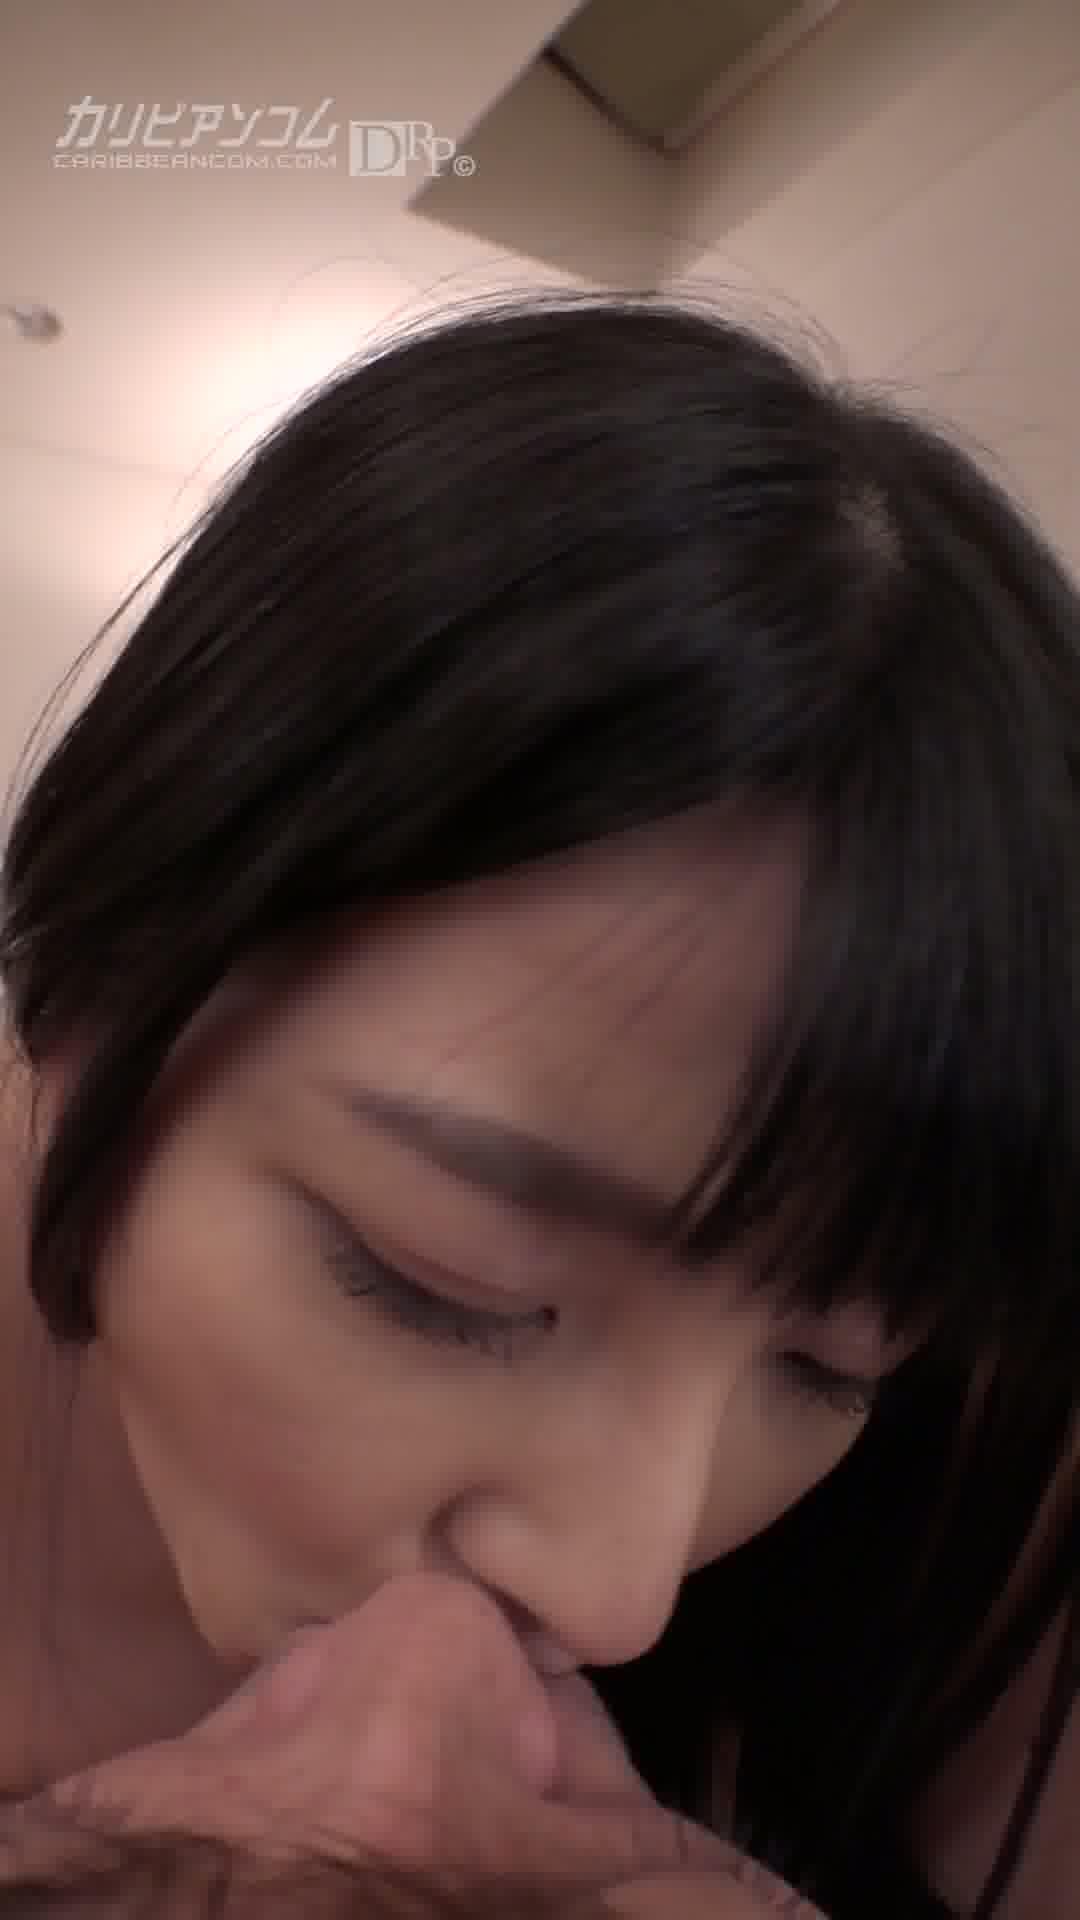 縦型動画 012 ~SSR虎の子の潮吹き~ - 上原亜衣【巨乳・潮吹き・美尻】